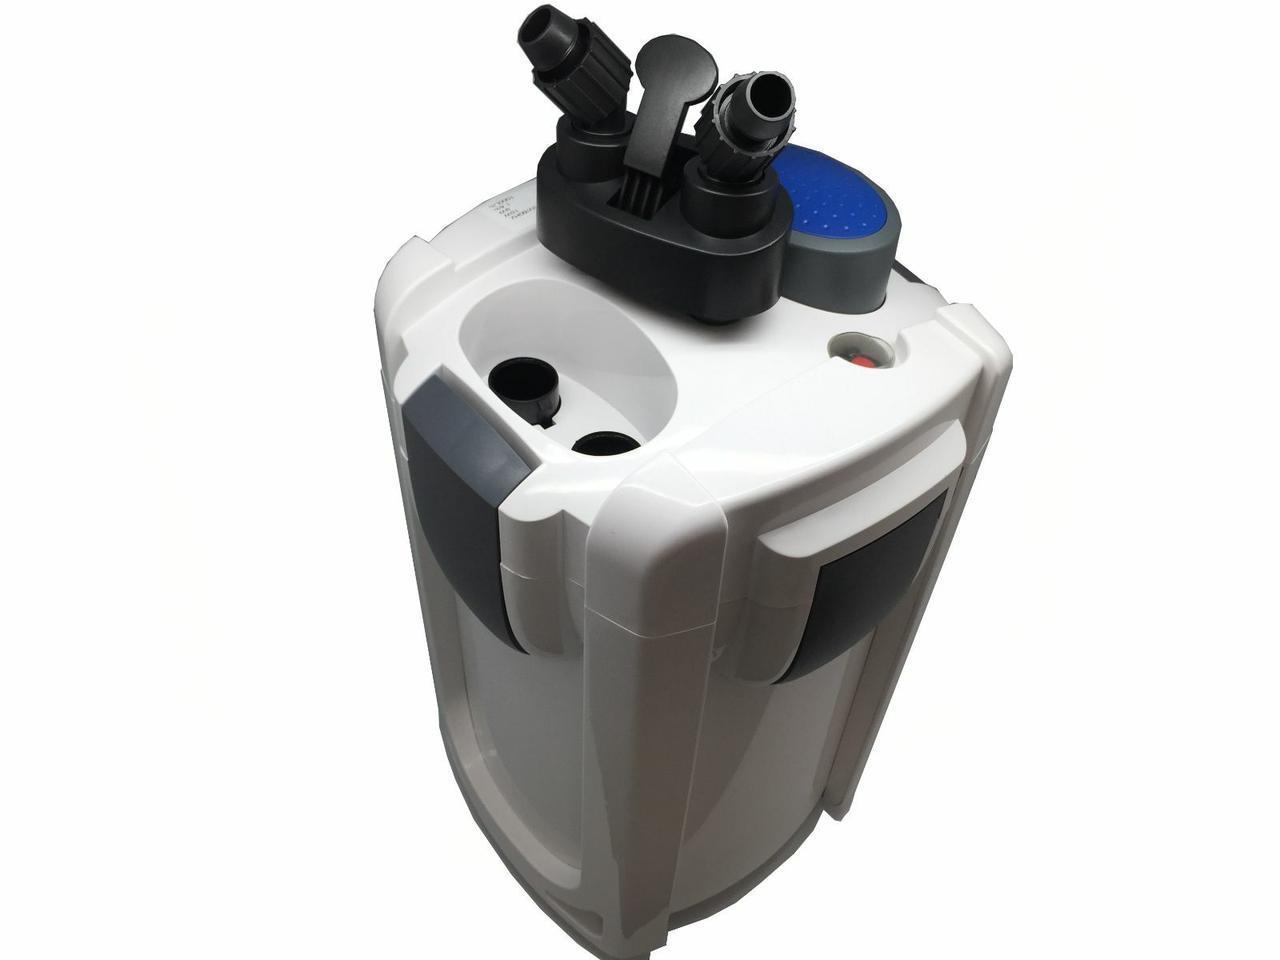 Зовнішній фільтр SUNSUN HW-704A для акваріума 400-700 л